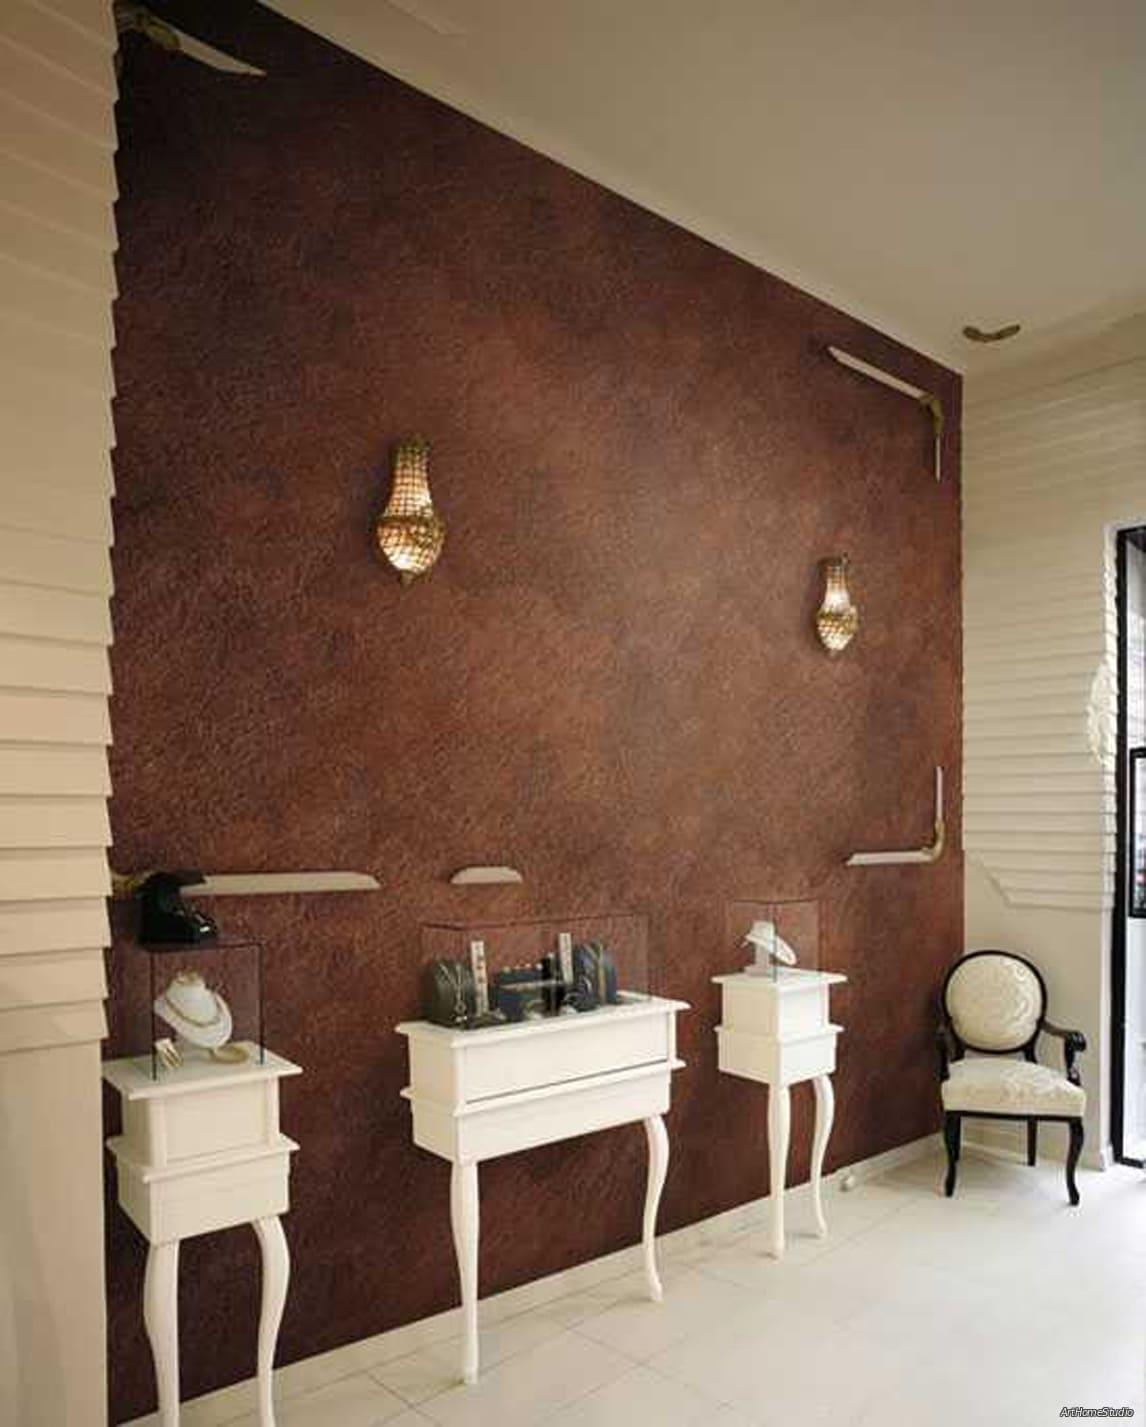 Декоративная штукатурка - лучшие красивые варианты отделки стен в интерьере 116